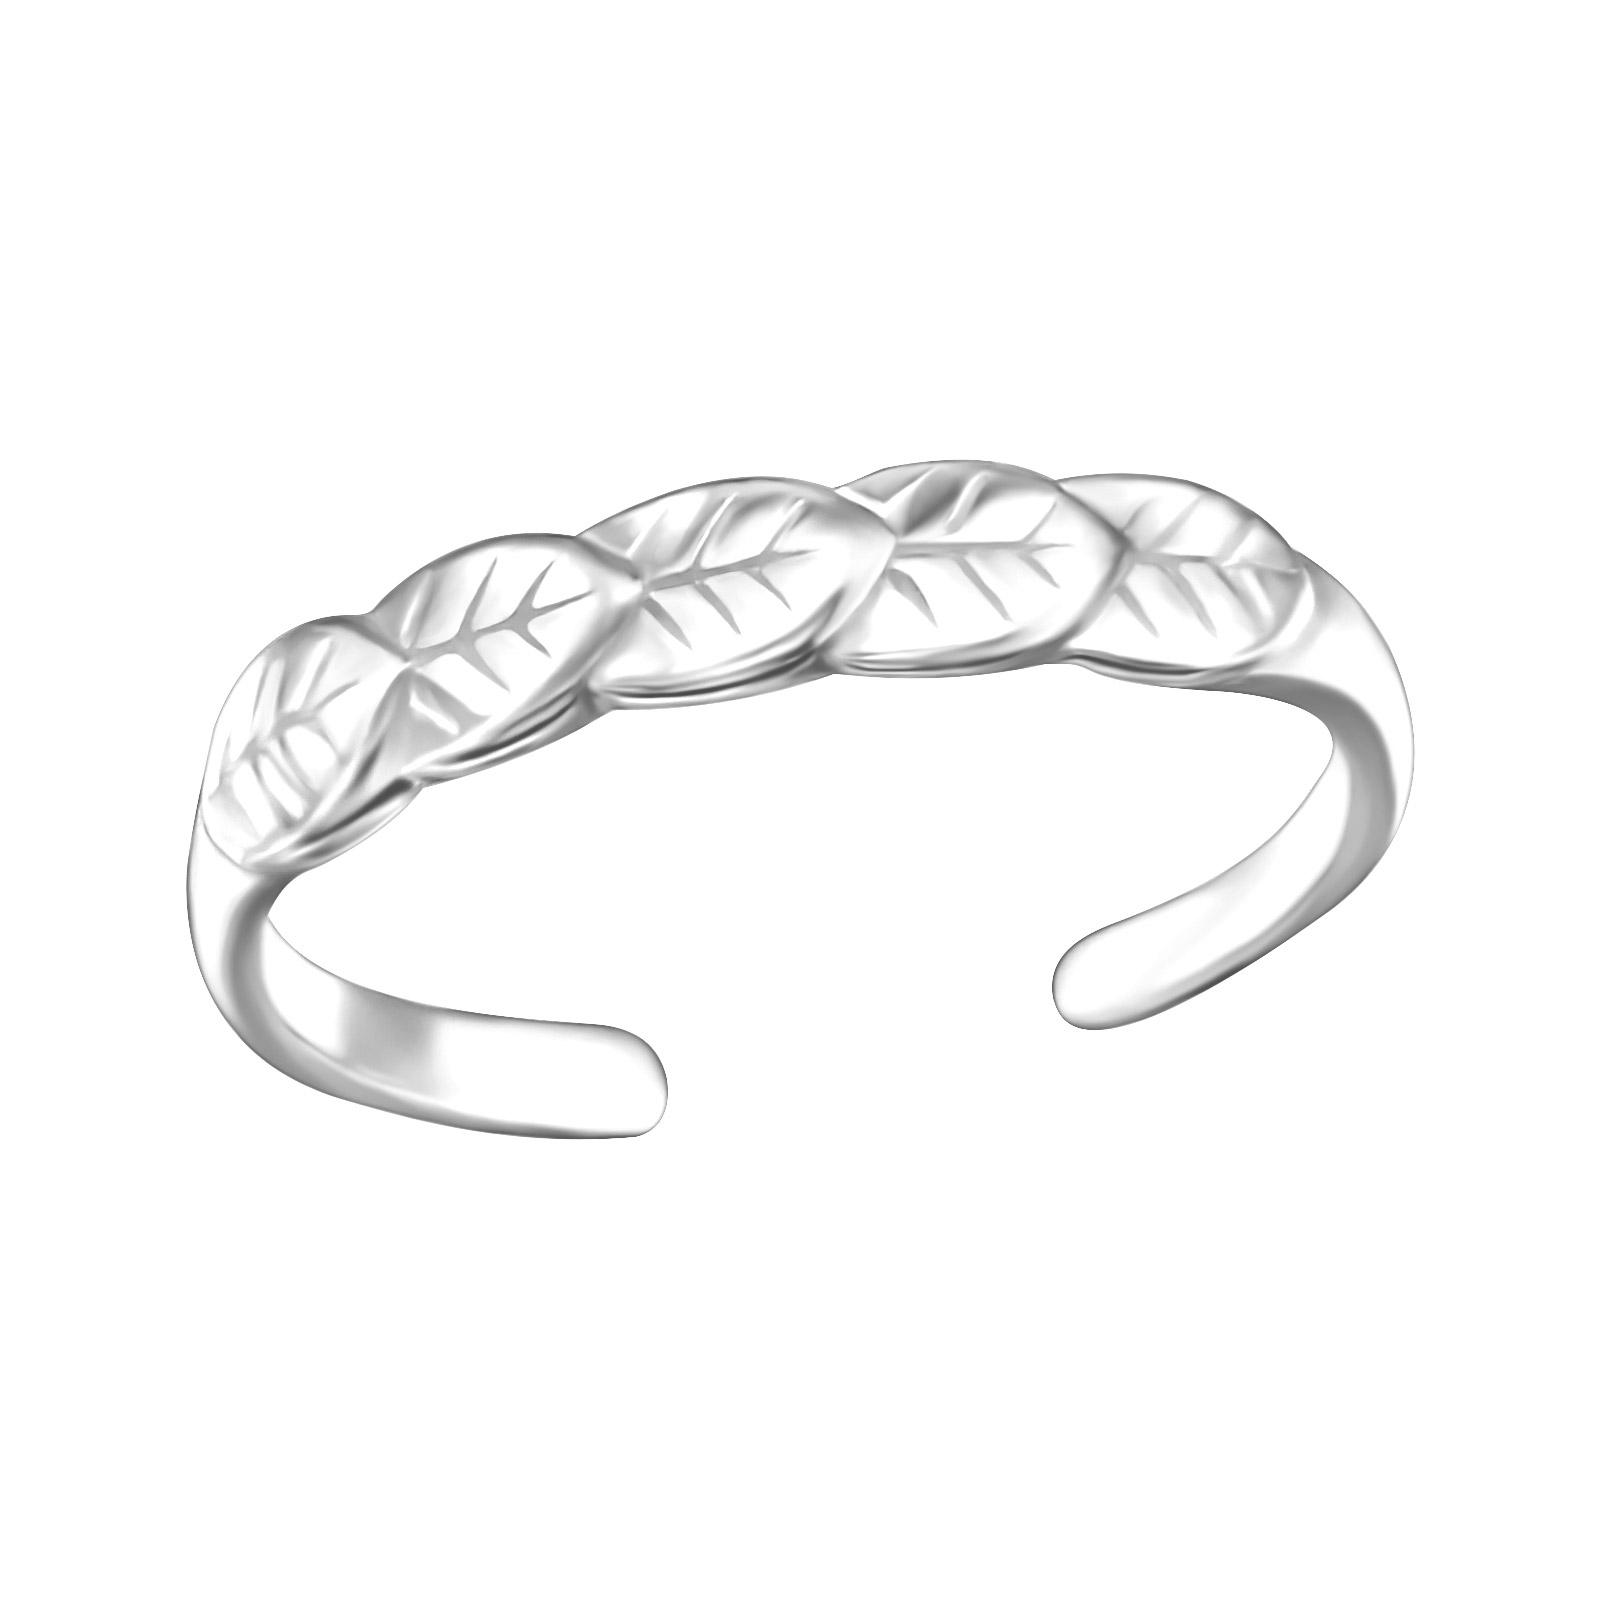 OLIVIE Strieborný prsteň na nohu 2754 Ag 925; ≤0,75 g.